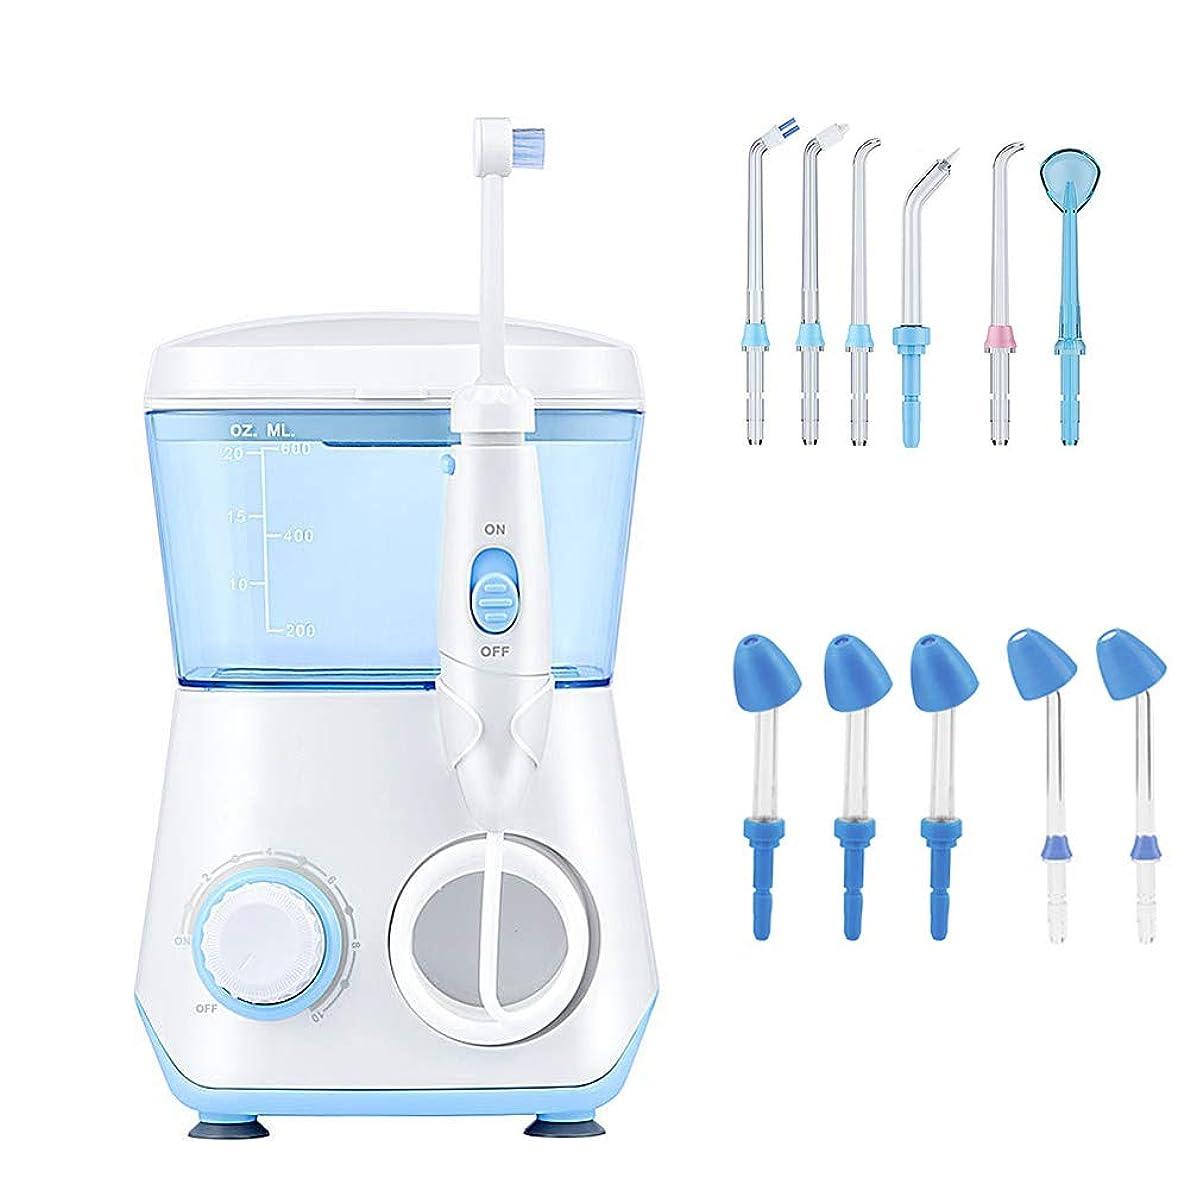 ありがたい決めますルーム口腔洗浄器、歯を白くする電気口腔洗浄器フロッサー7個の多機能ジェットチップと5個の鼻用ノズルで汚れ10-スピード調整モードを削除